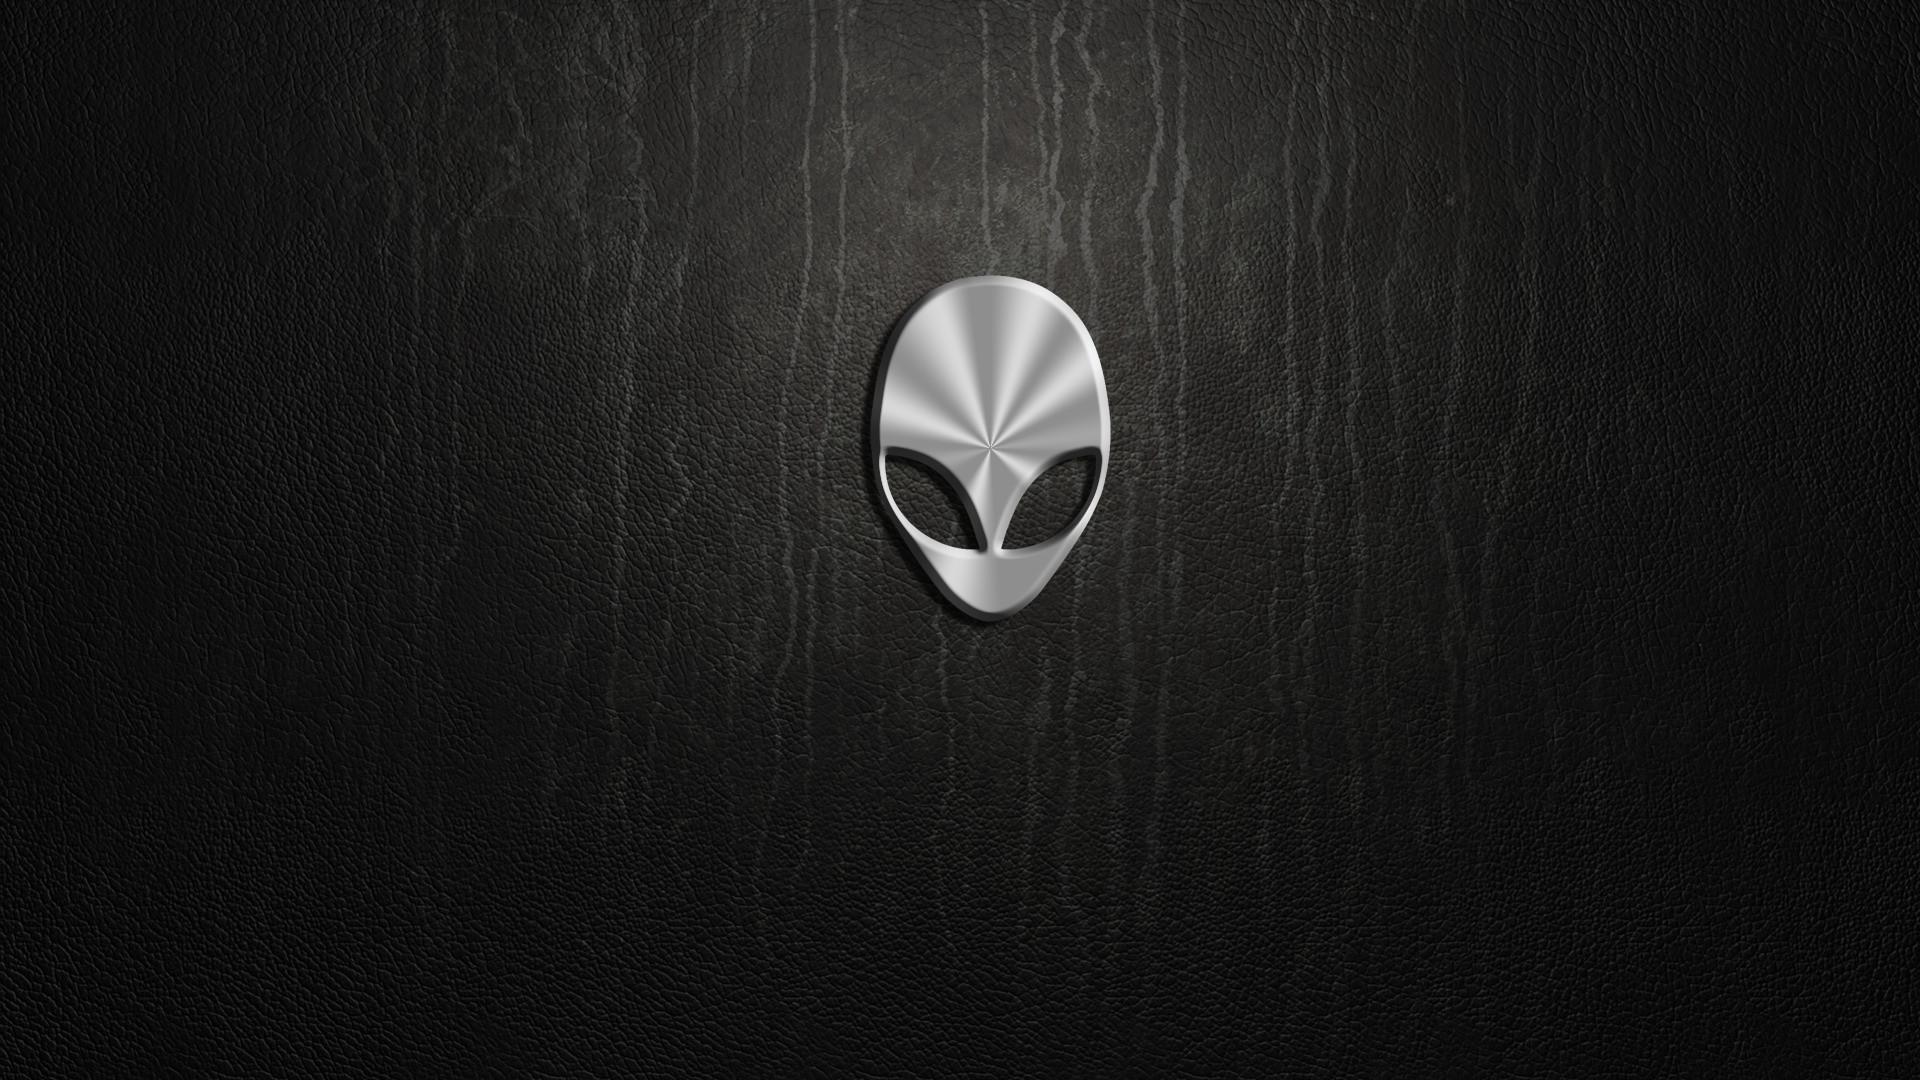 Res: 1920x1080, Alienware Wallpaper Mobile